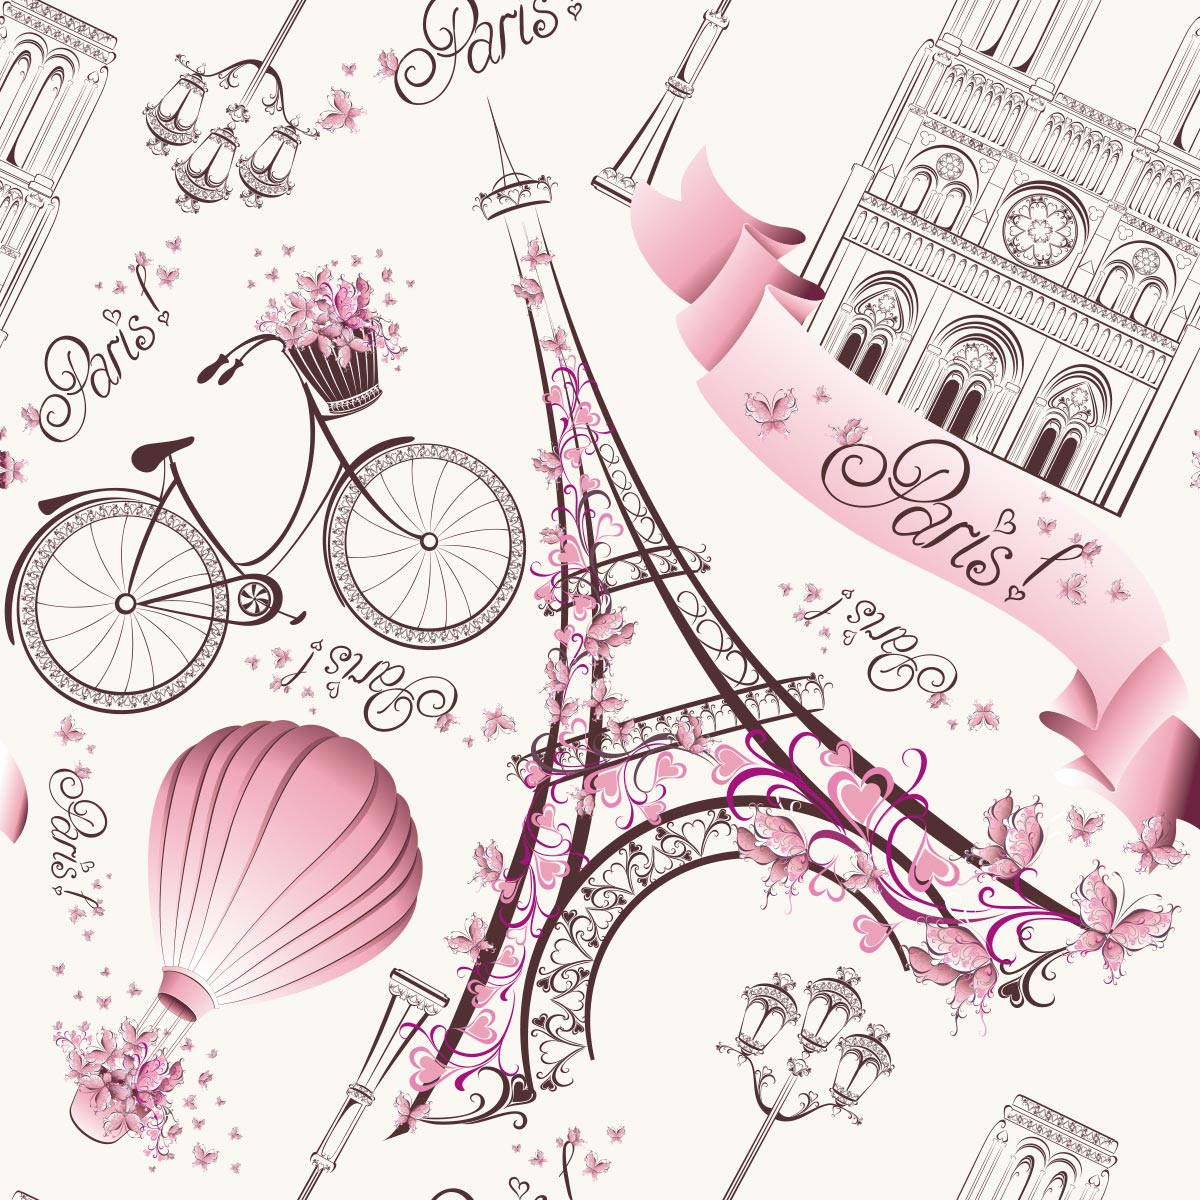 Papel de Parede Paris Torre Eiffel Balão Infantil Adesivo